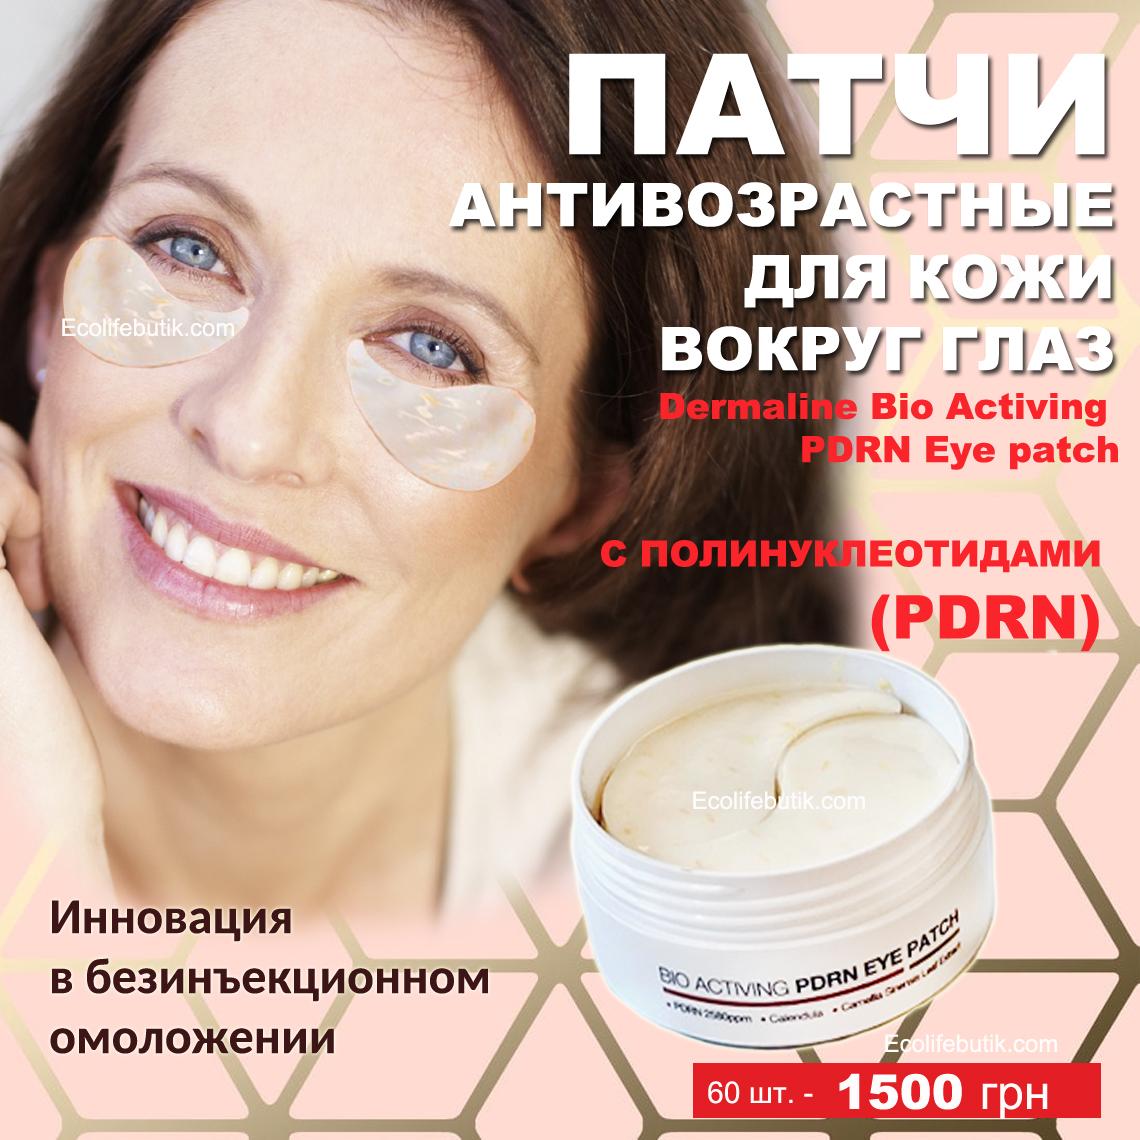 Патчи под глаза с полинуклеотидами Dermaline Bio Activing PDRN Eye patch, 60 шт